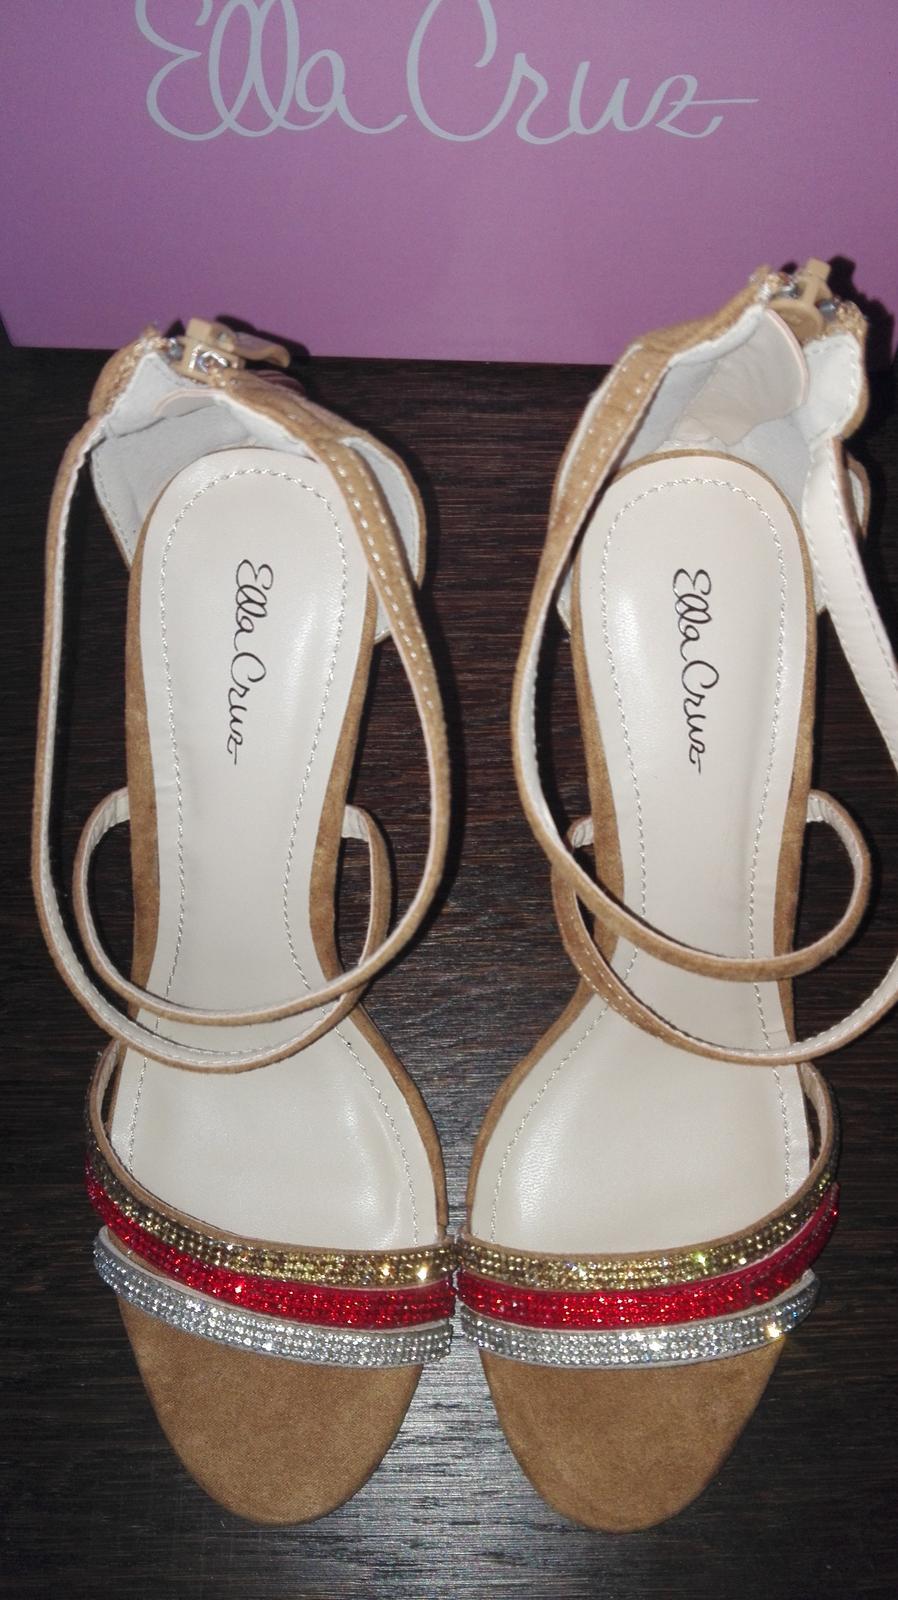 Sandále Ella Cruz - Obrázok č. 3